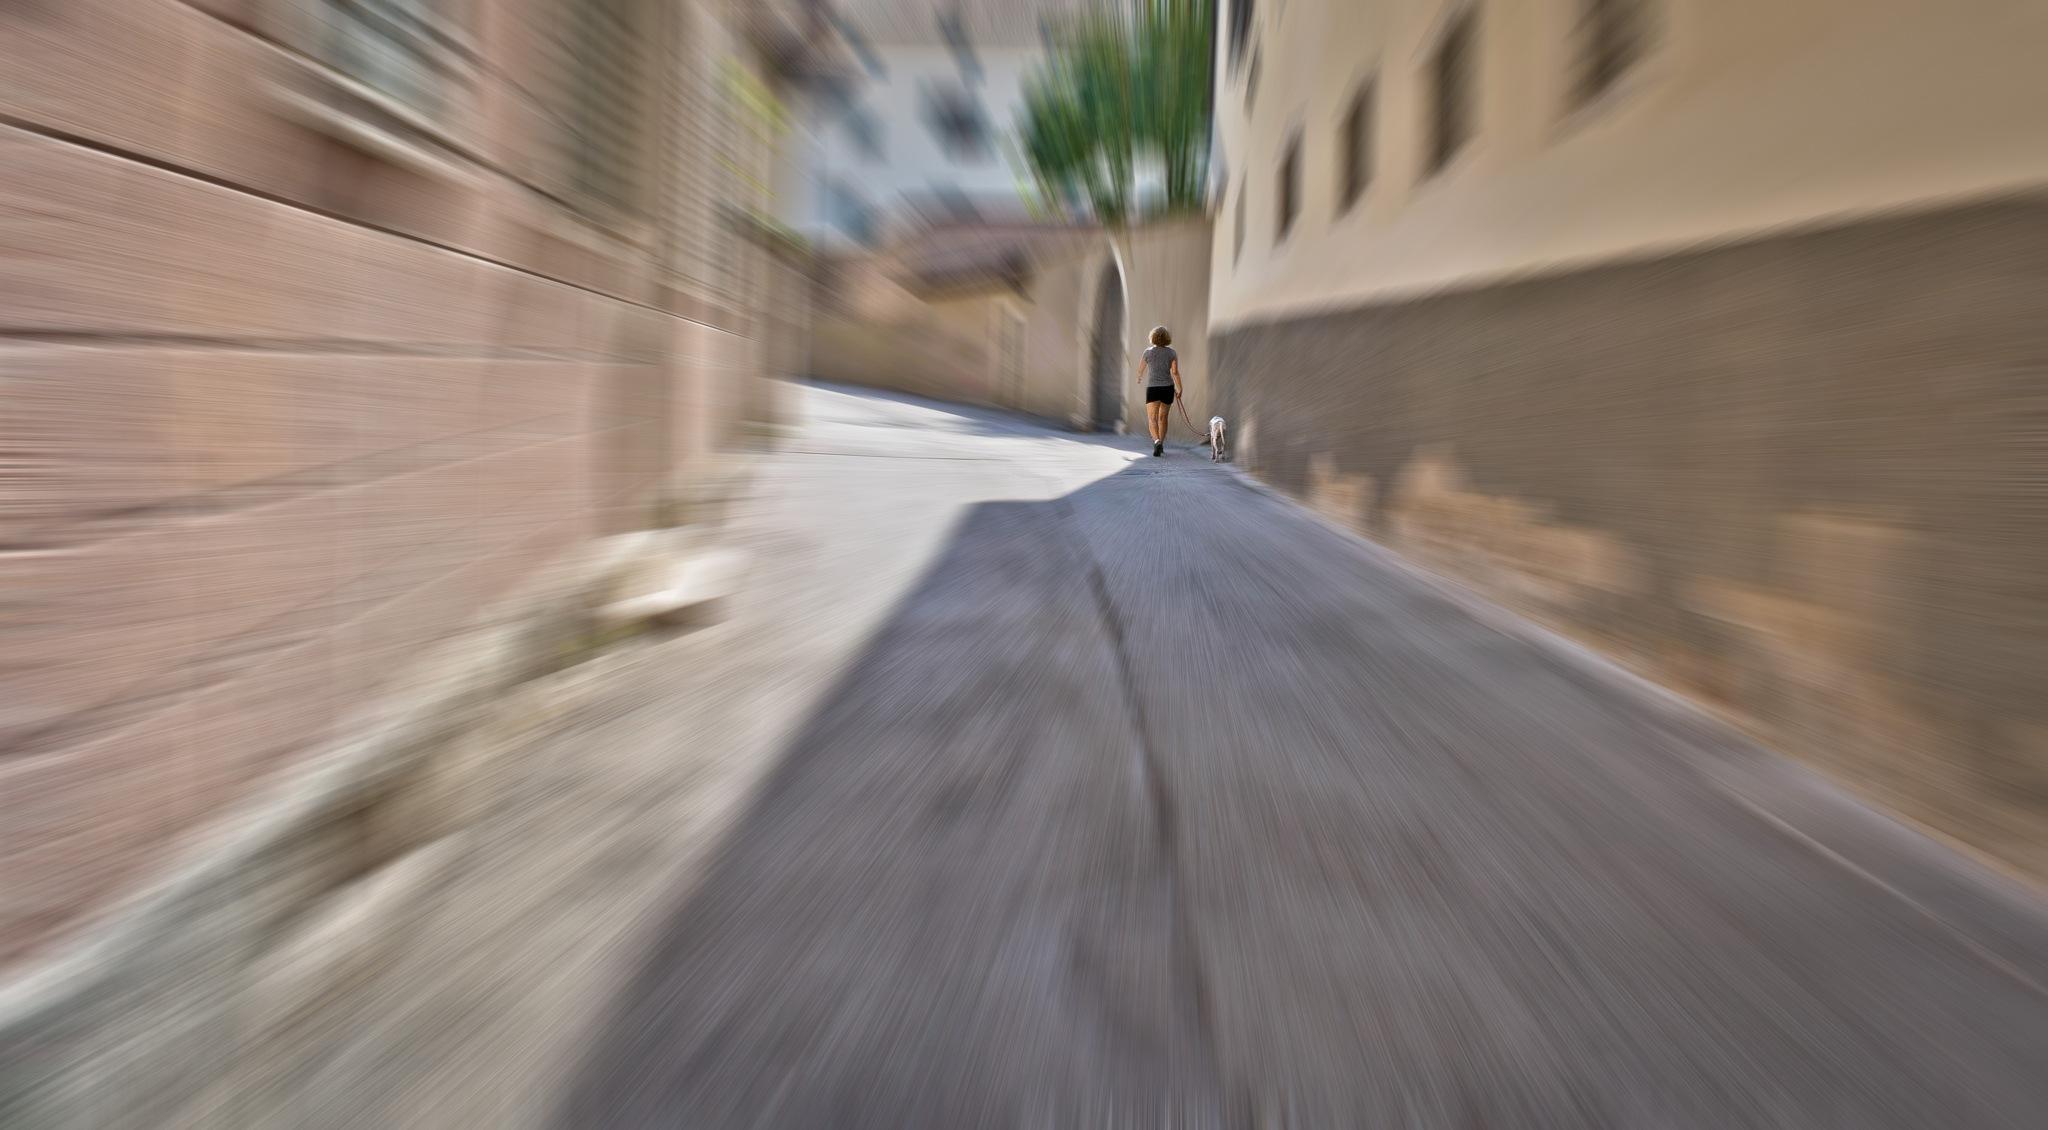 El paseo matutino de cada día by oscarruben_suarez